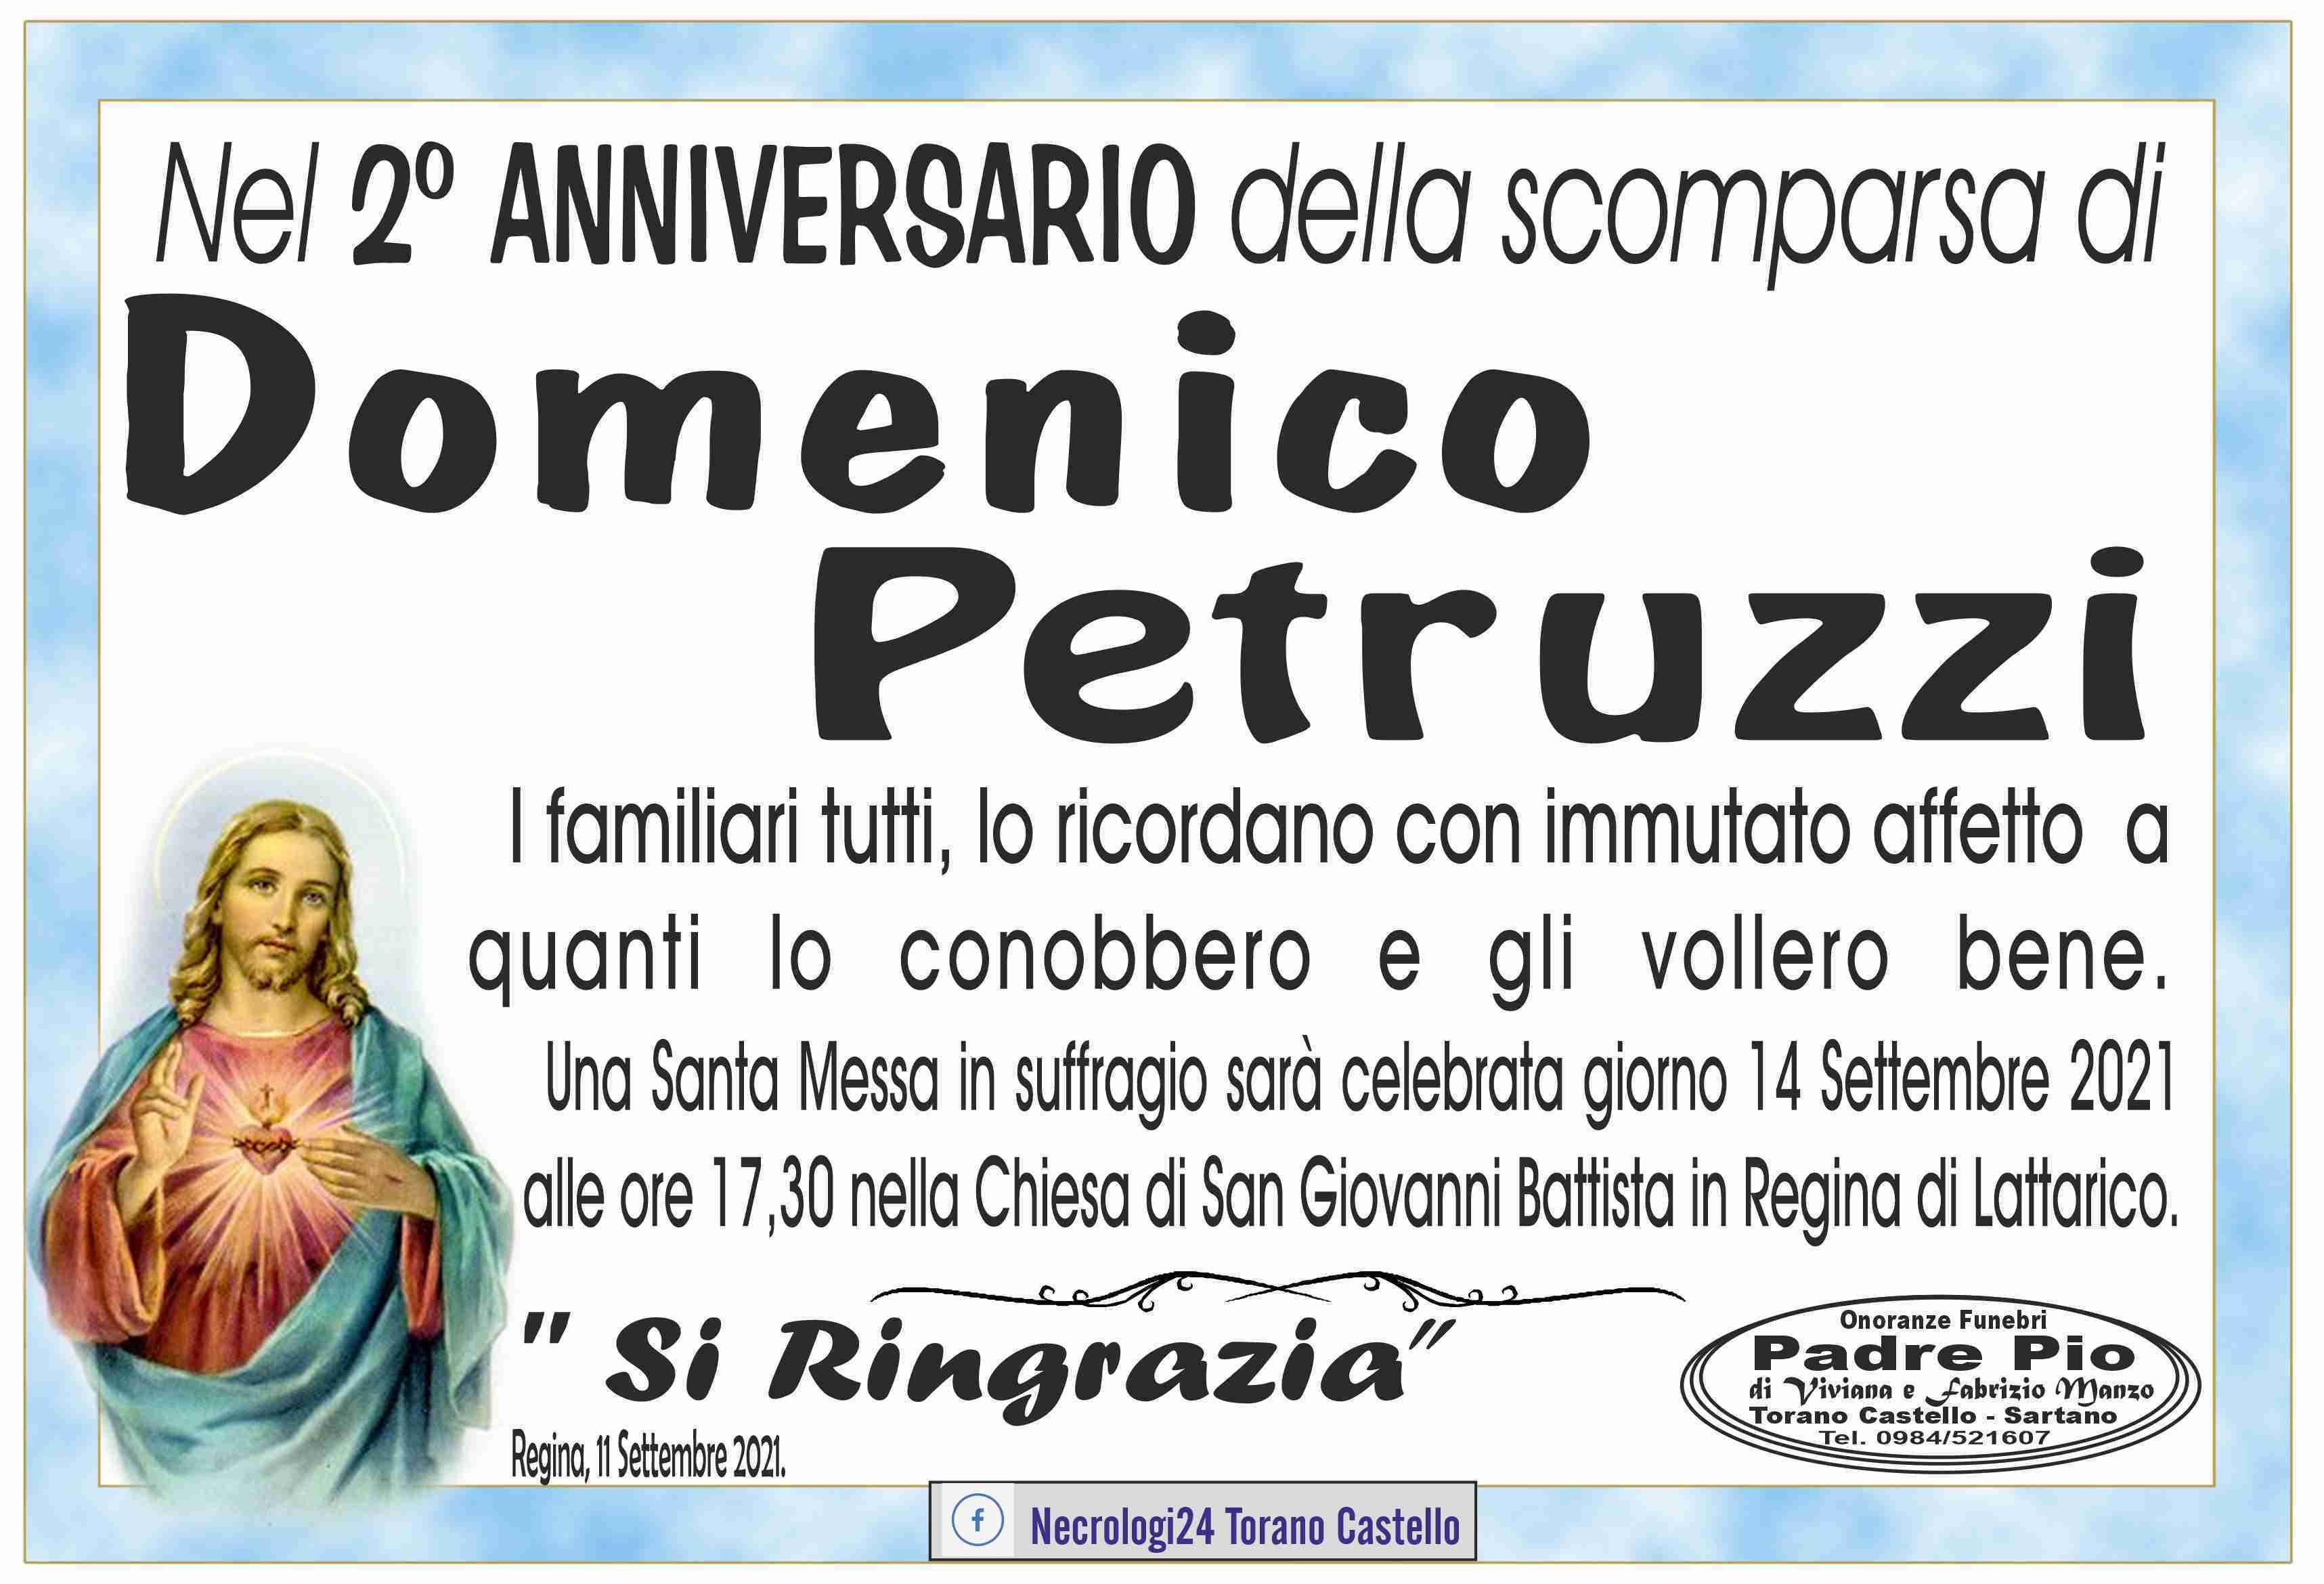 Domenico Petruzzi